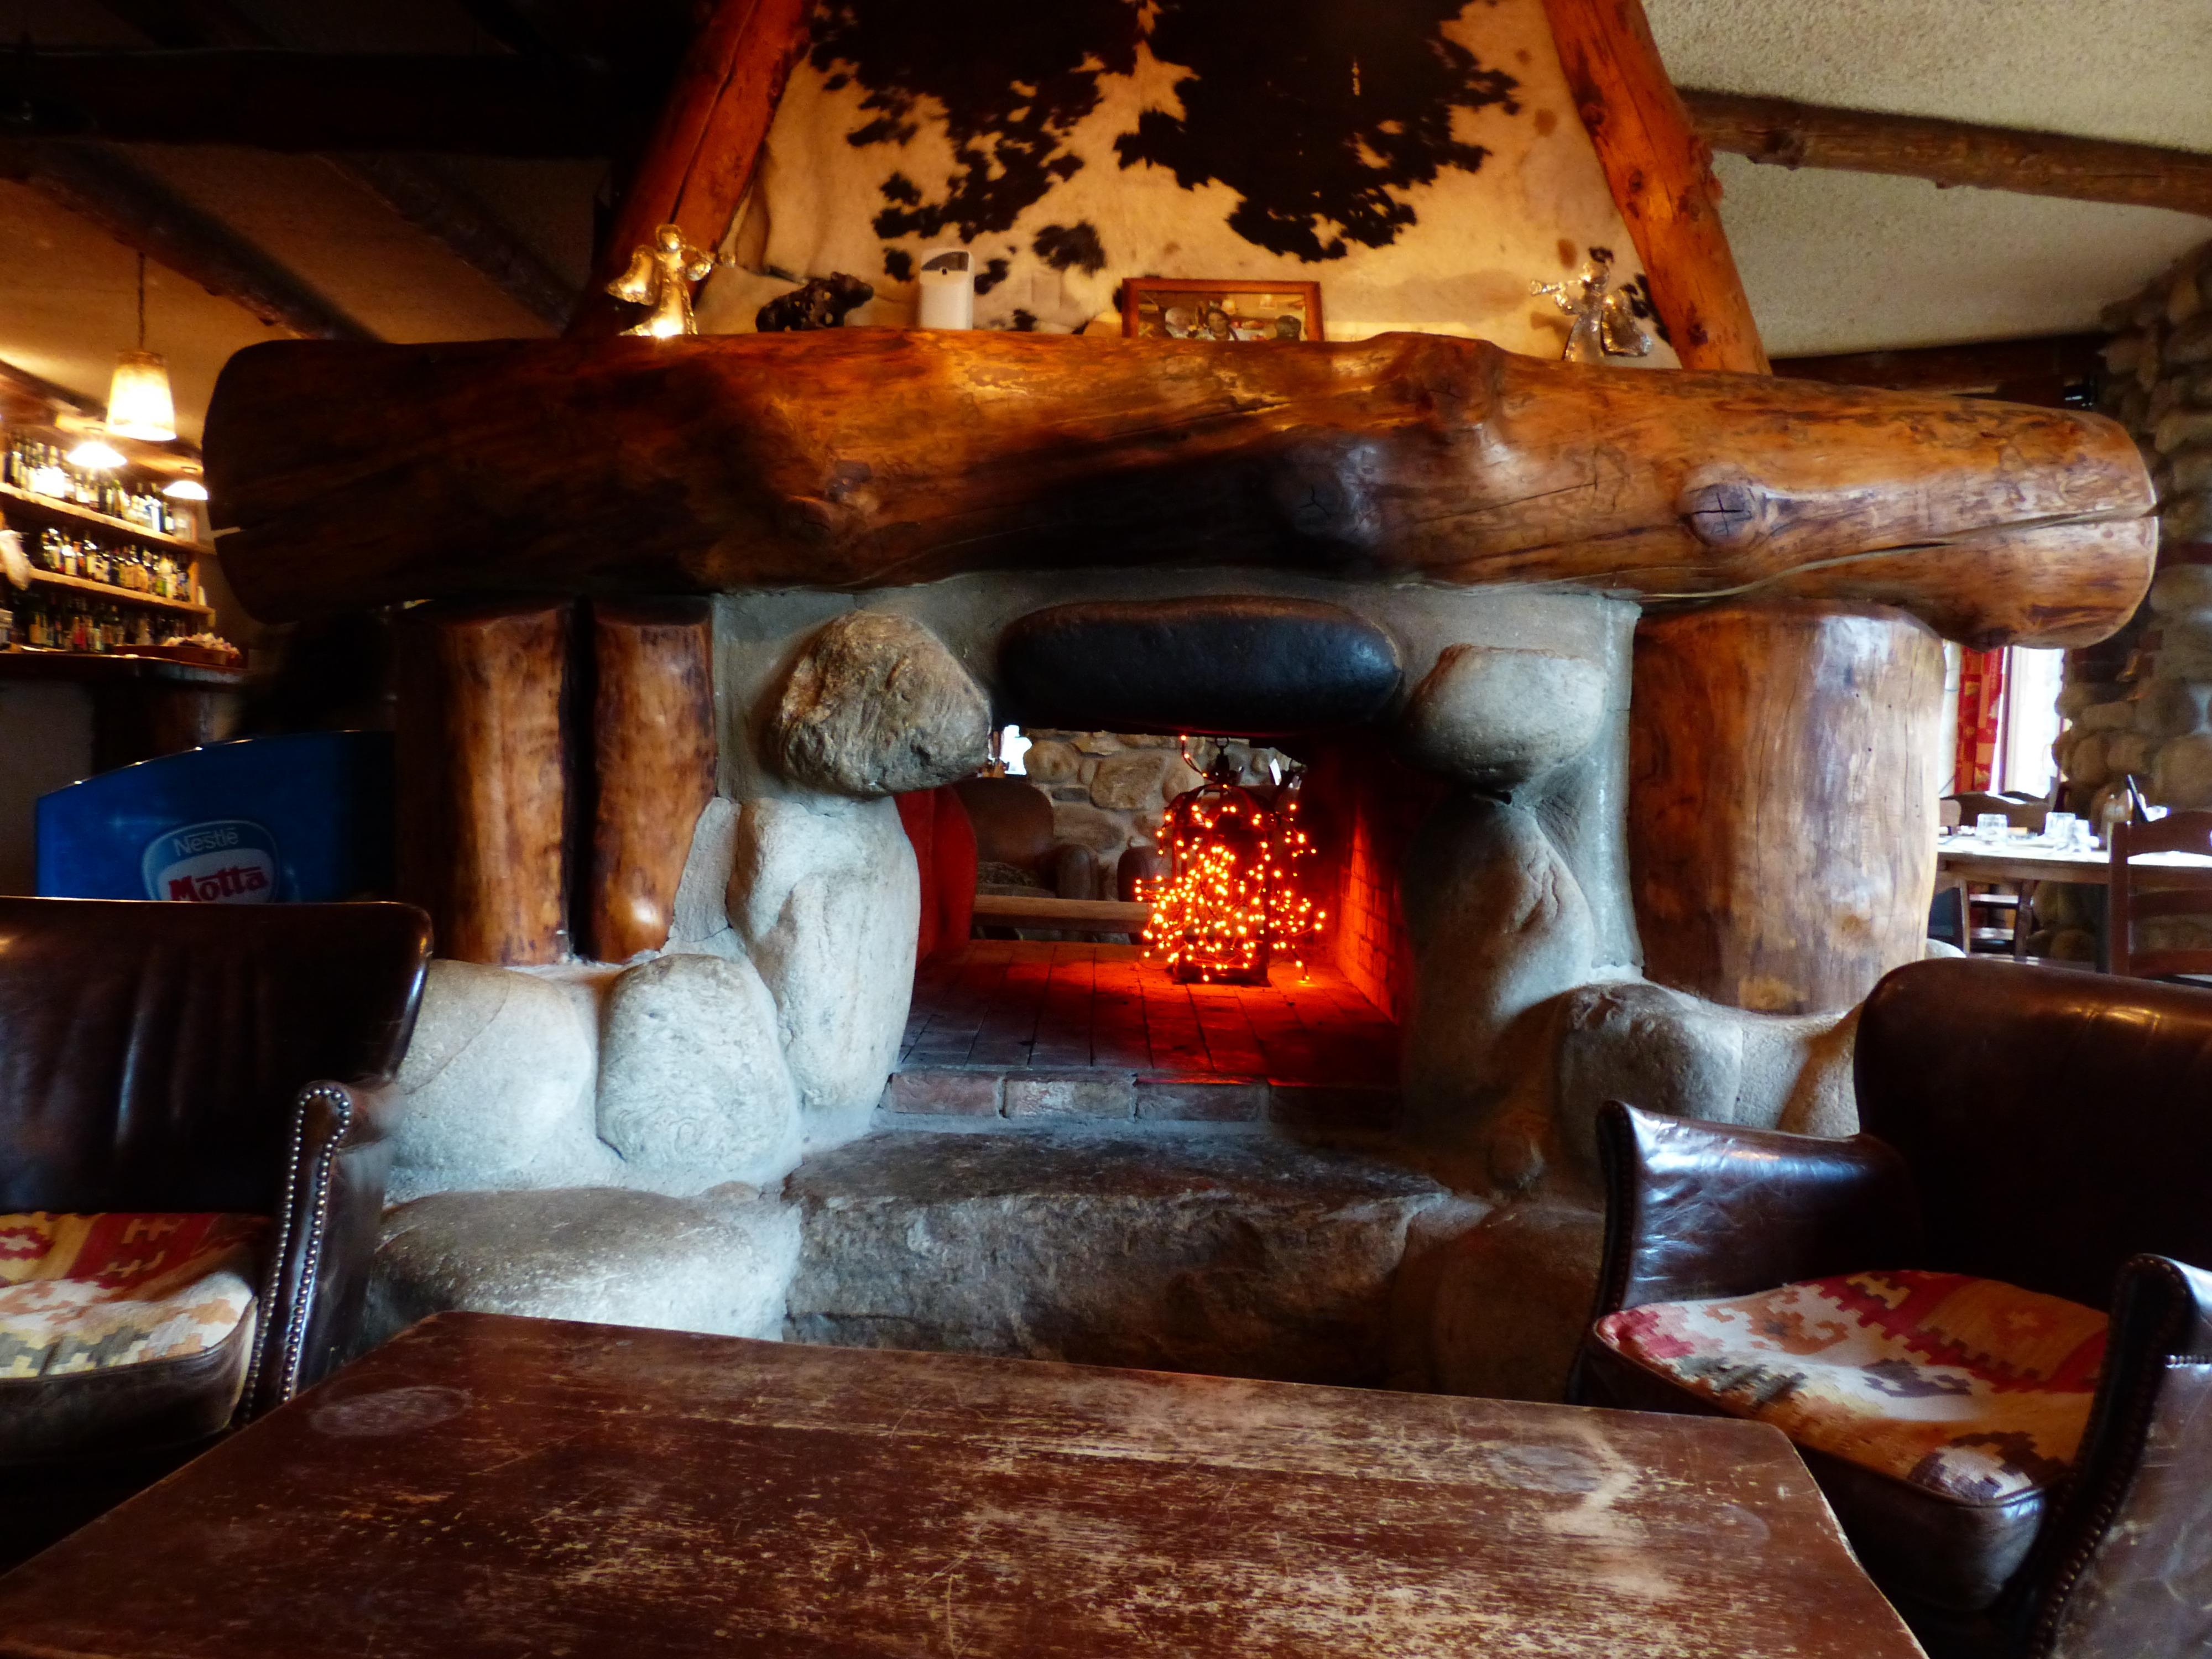 Wohnzimmer gemütlich kamin  Kostenlose foto : Holz, warm, Haus, Zuhause, rustikal, Hütte ...